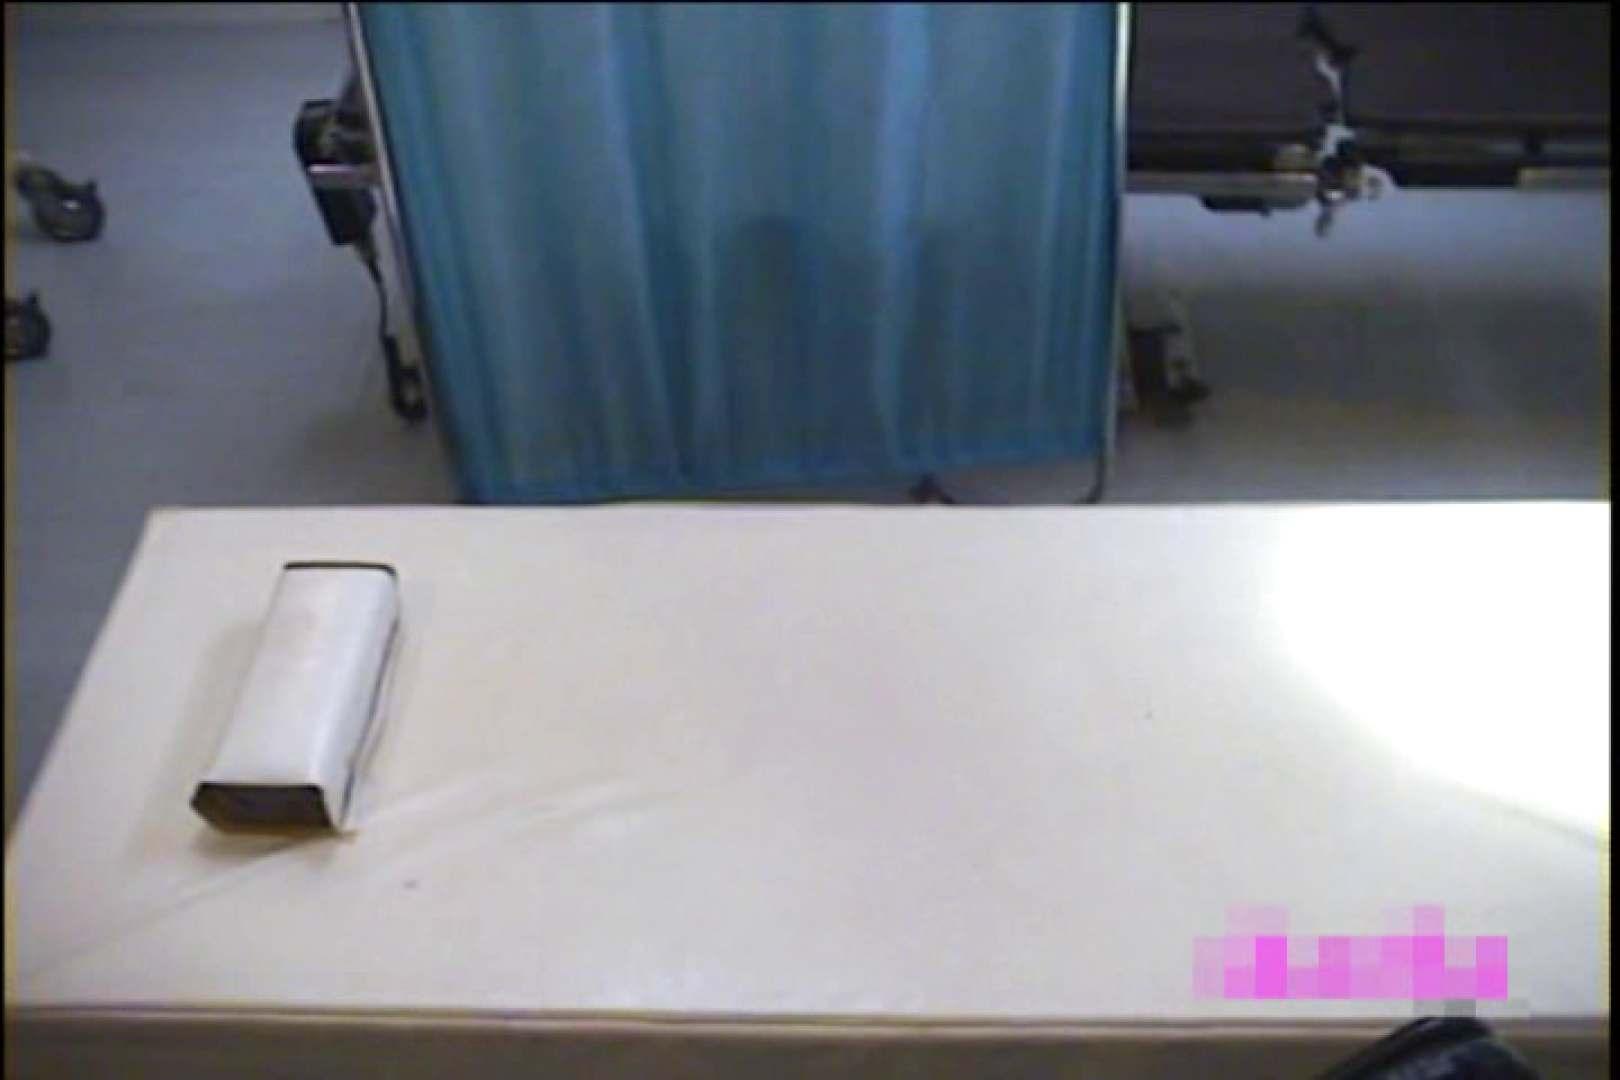 逆噴射病院 肛門科Vol.2 エロティックなOL SEX無修正画像 89画像 44